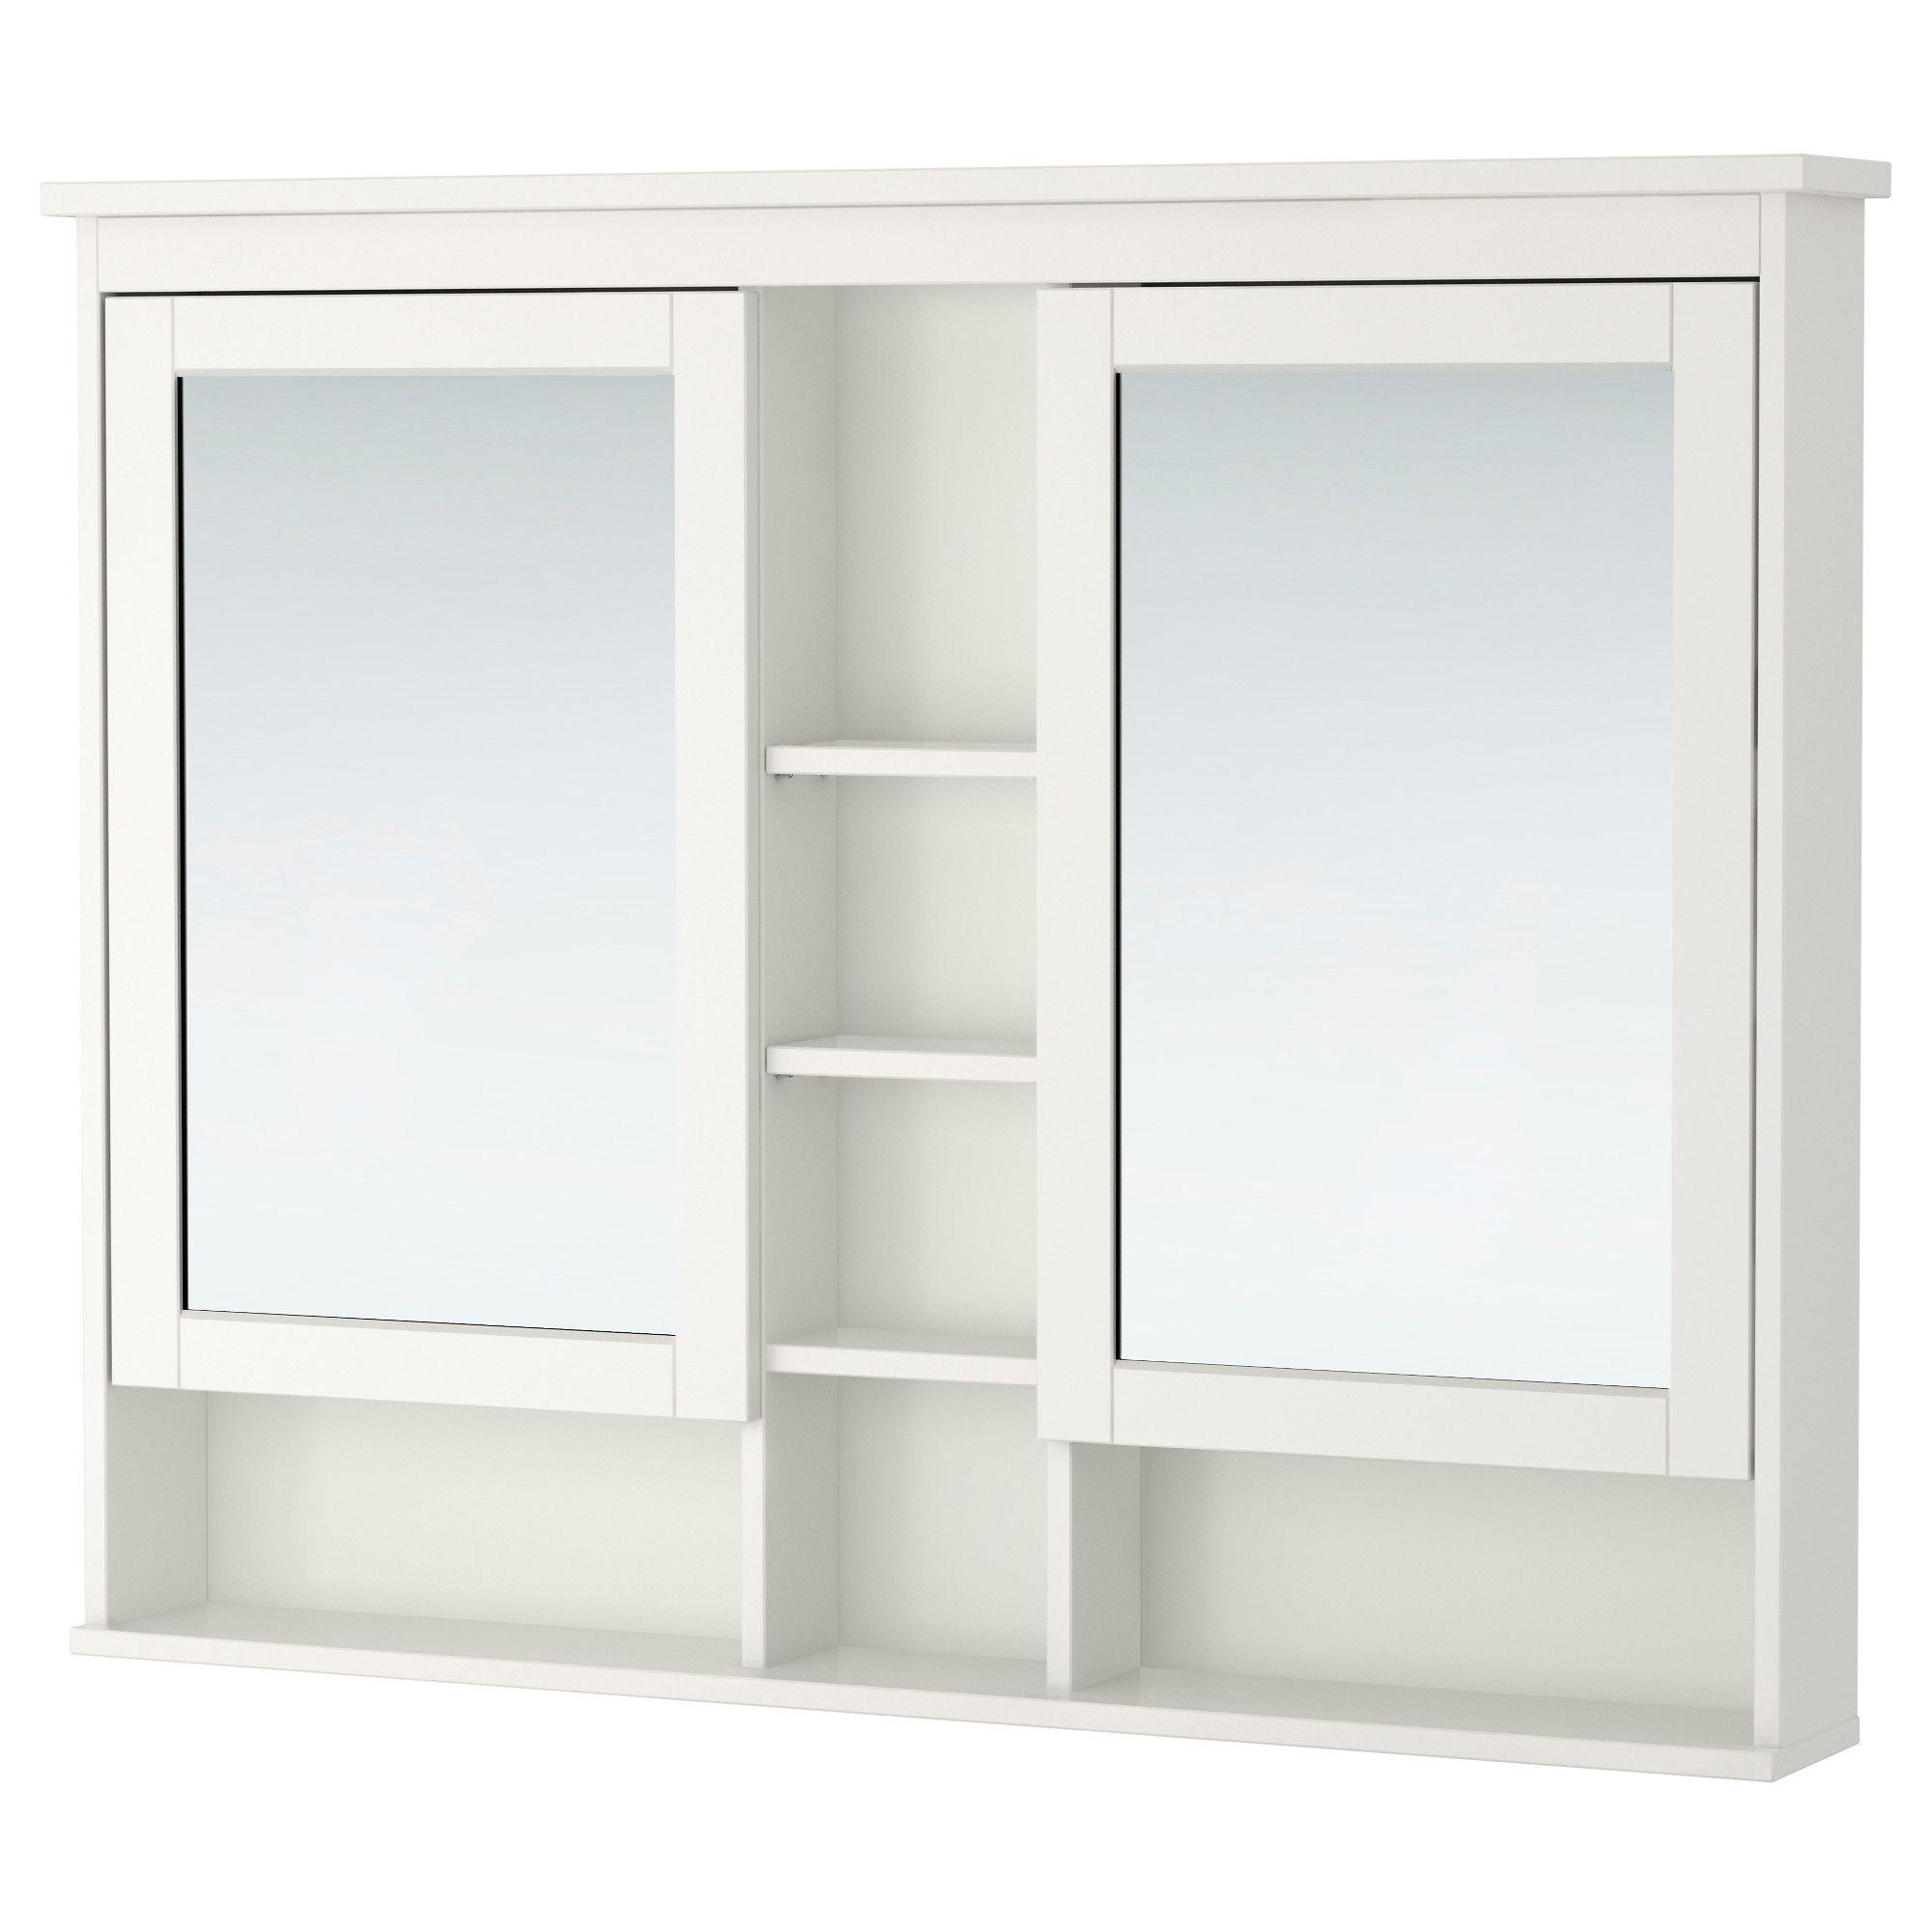 die besten 25 badezimmer spiegelschrank ikea ideen auf pinterest ikea bad spiegelschrank. Black Bedroom Furniture Sets. Home Design Ideas